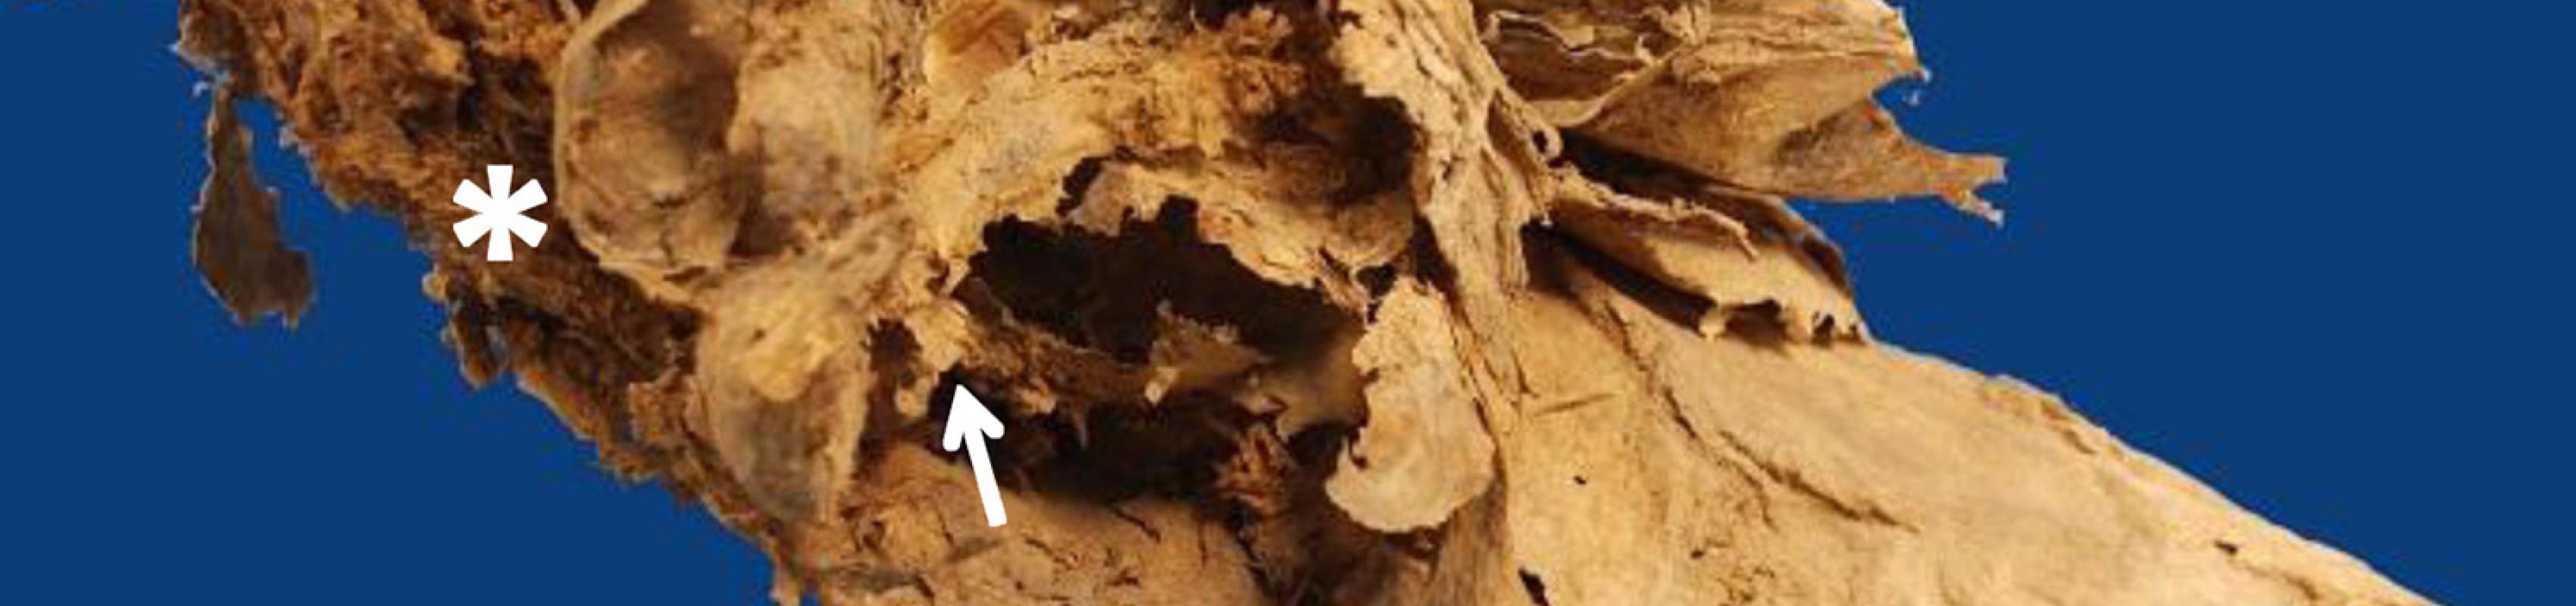 Imatge interna de les vísceres abdominals a través de la fragmentació de pelvis. S'identifica el colon (fletxa) i el budell prim (*) (Autors: Grup de Recerca en Osteobiografia. Universitat Autònoma de Barcelona)